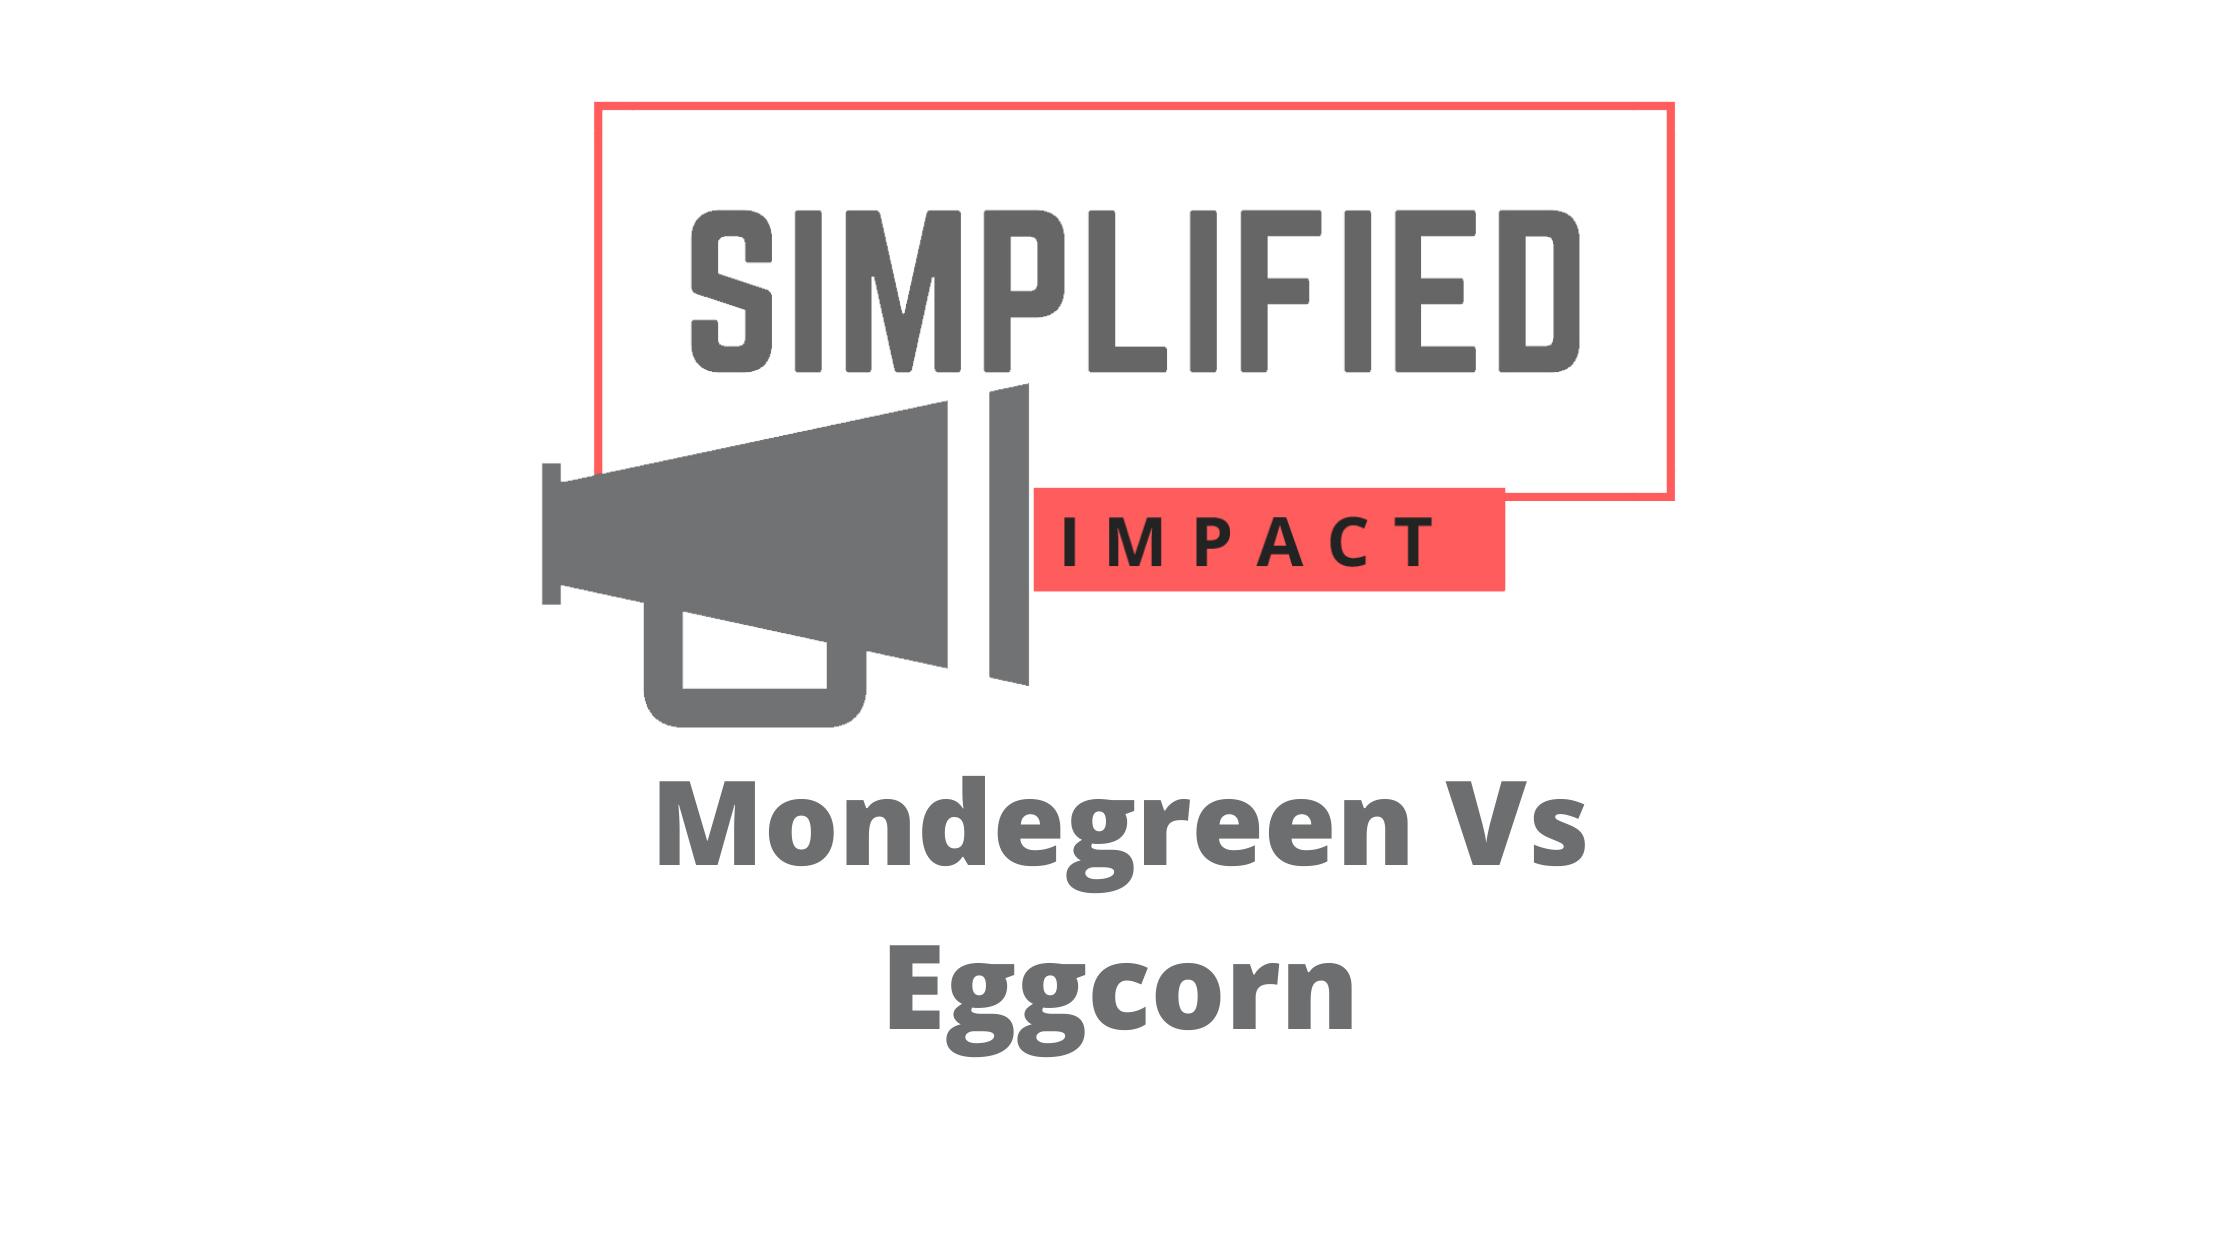 Mondegreen vs eggcorn banner